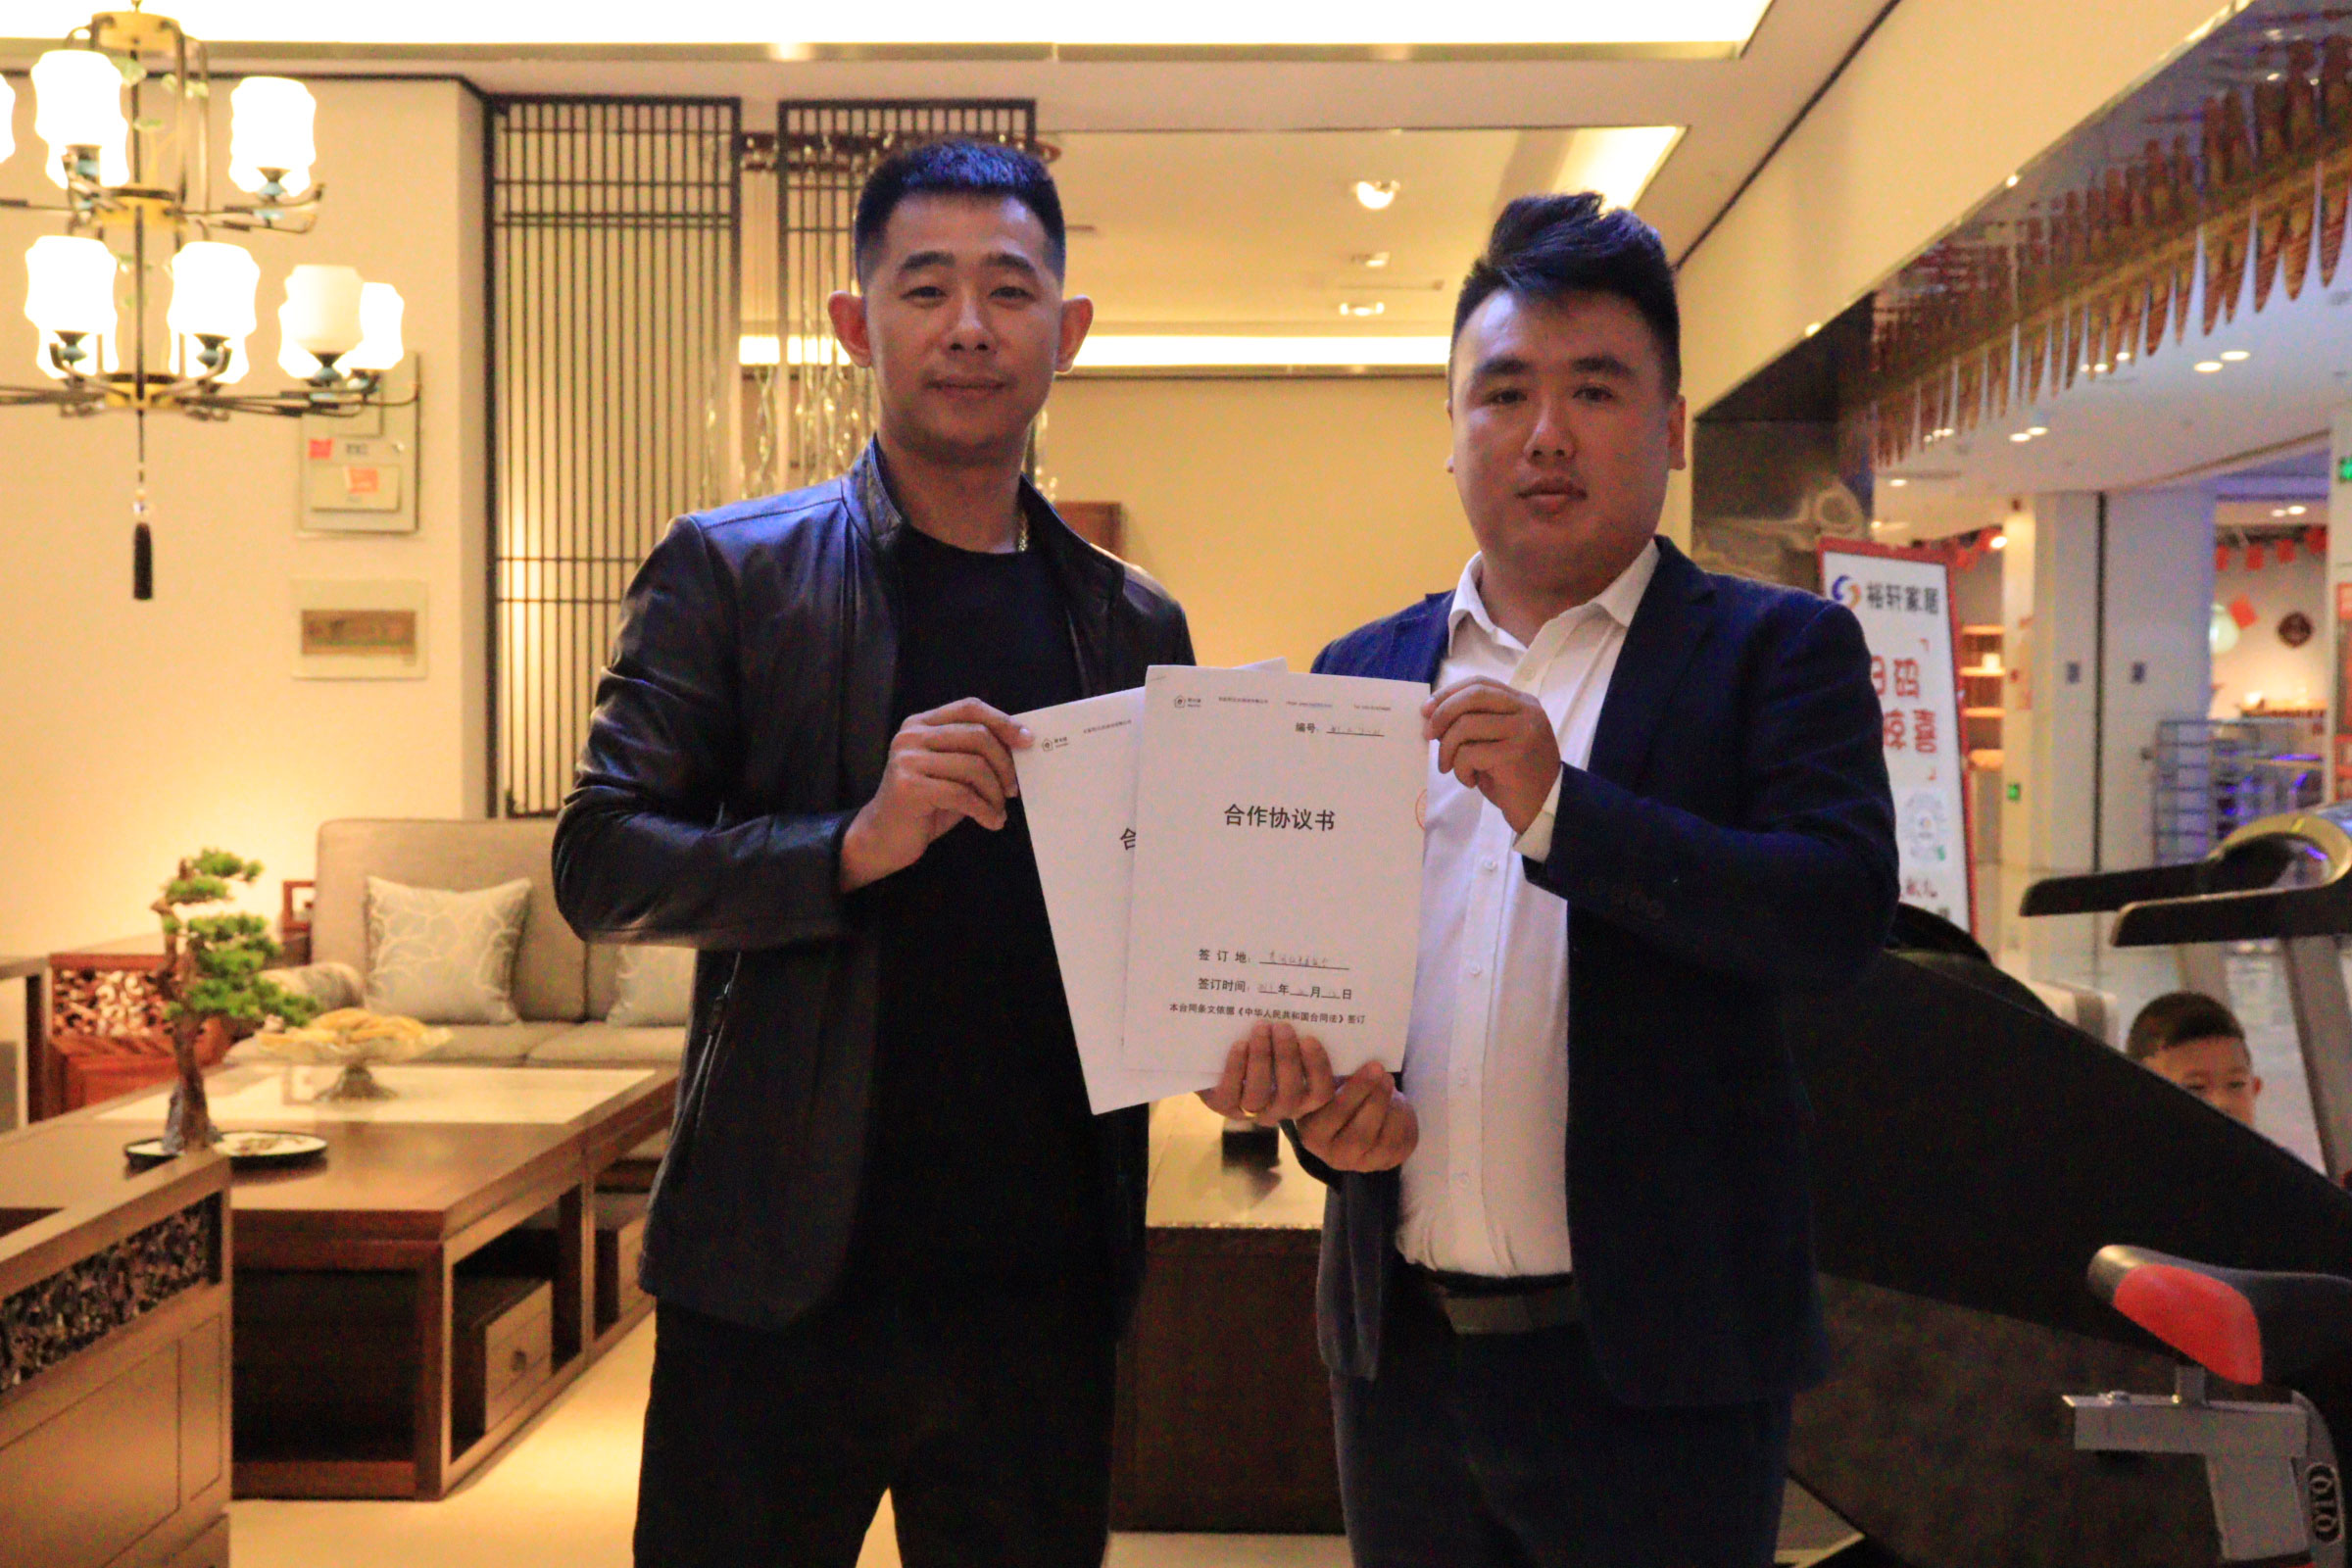 好易居智能品牌与北京裕轩家具达成友好合作关系